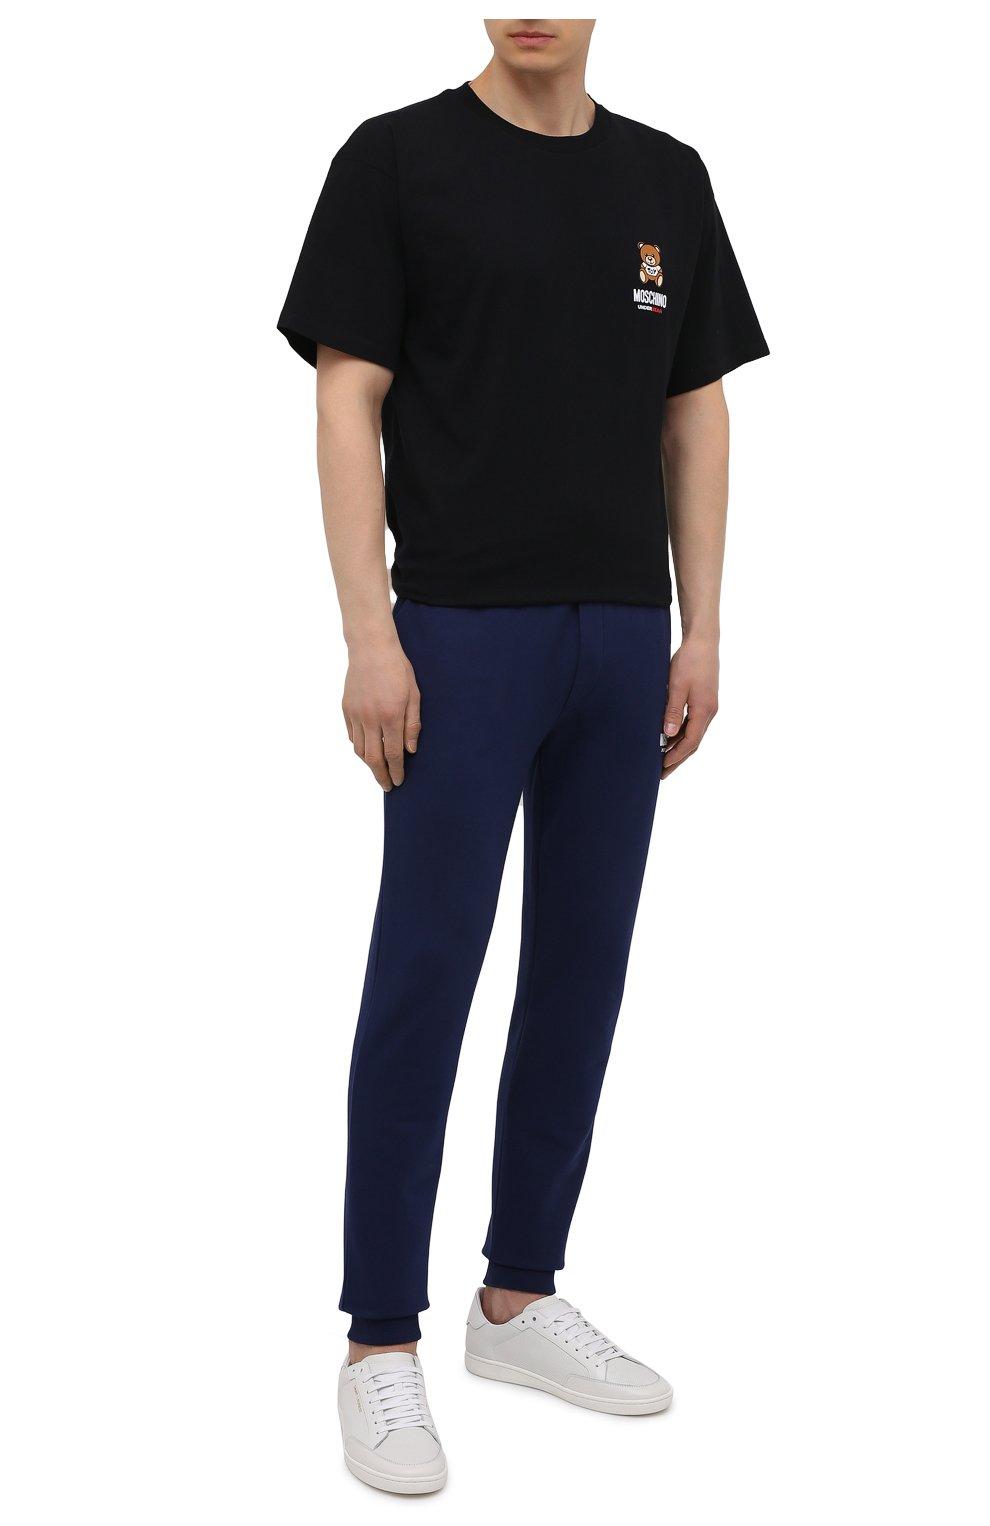 Мужская хлопковая футболка MOSCHINO черного цвета, арт. A1923/8125   Фото 2 (Кросс-КТ: домашняя одежда; Рукава: Короткие; Длина (для топов): Стандартные; Материал внешний: Хлопок; Мужское Кросс-КТ: Футболка-белье)